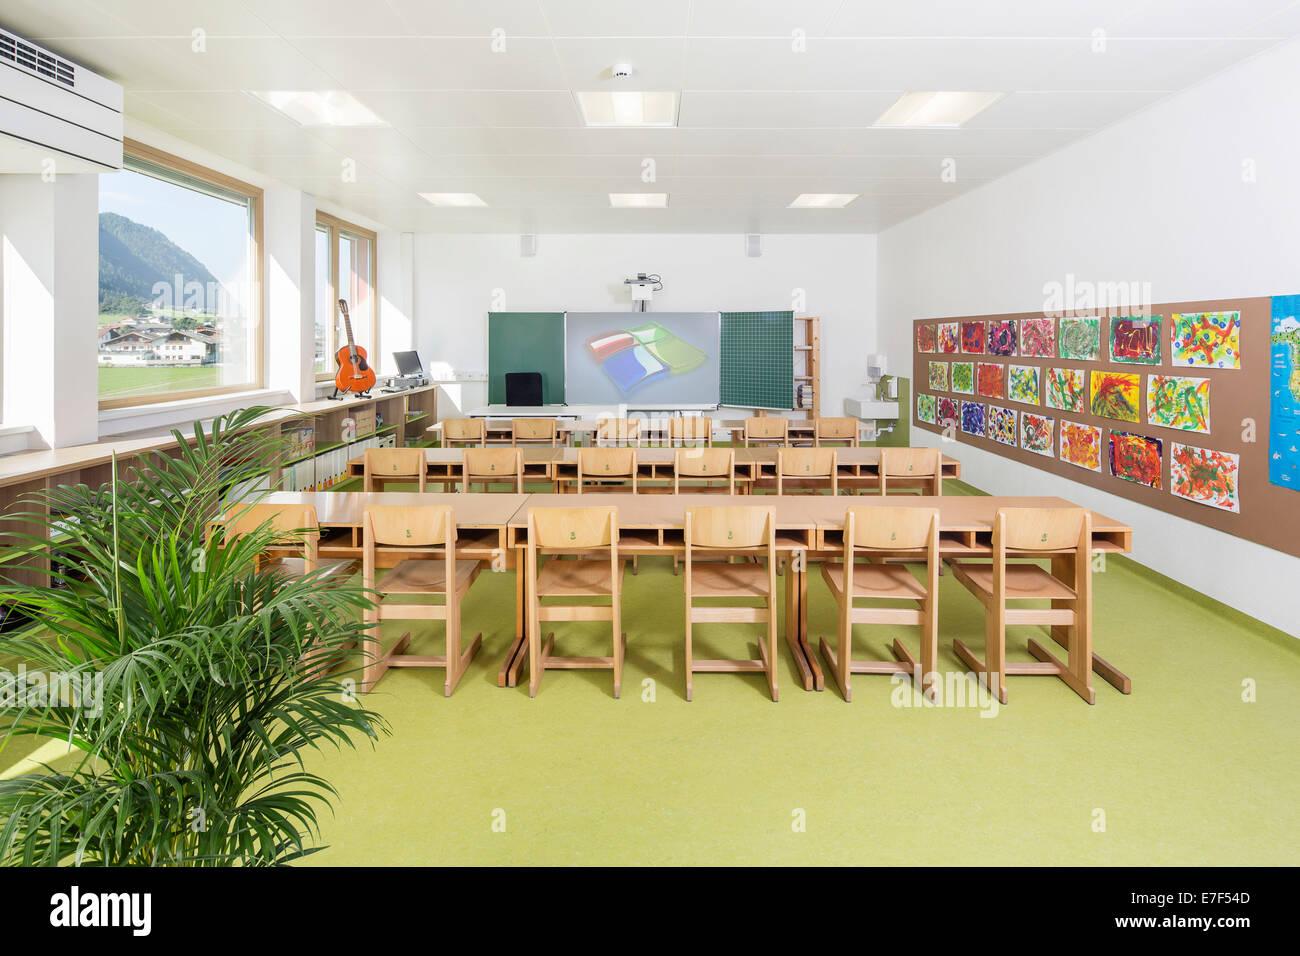 Salle de classe en école primaire, Alpbach, Tyrol, Autriche Photo Stock